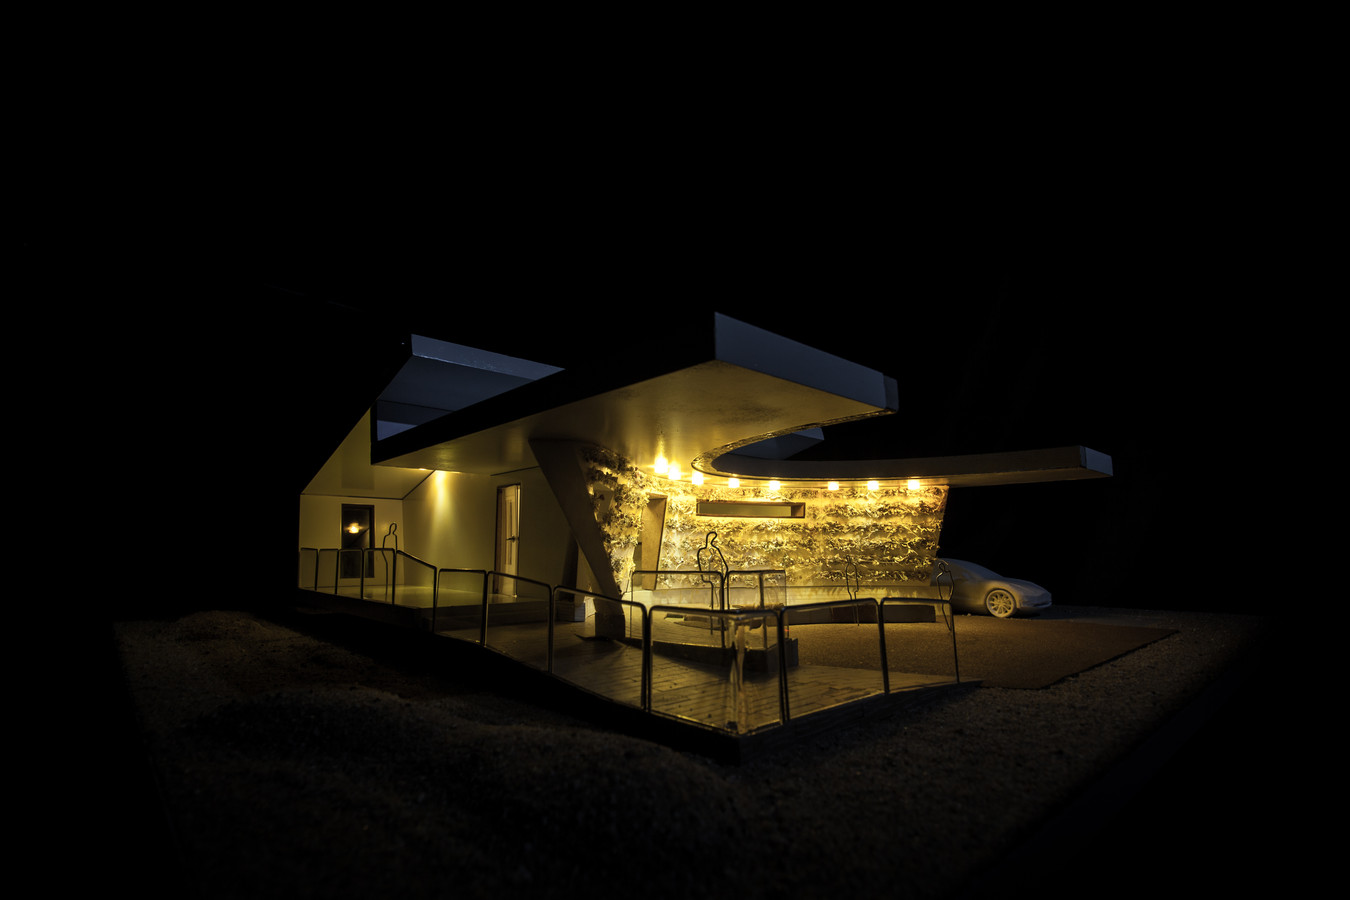 Een maquette van de woning die het studenteam VirTue van de TU Eindhoven heeft ontworpen voor de Solar Decathlon in Dubai, later in 2018.